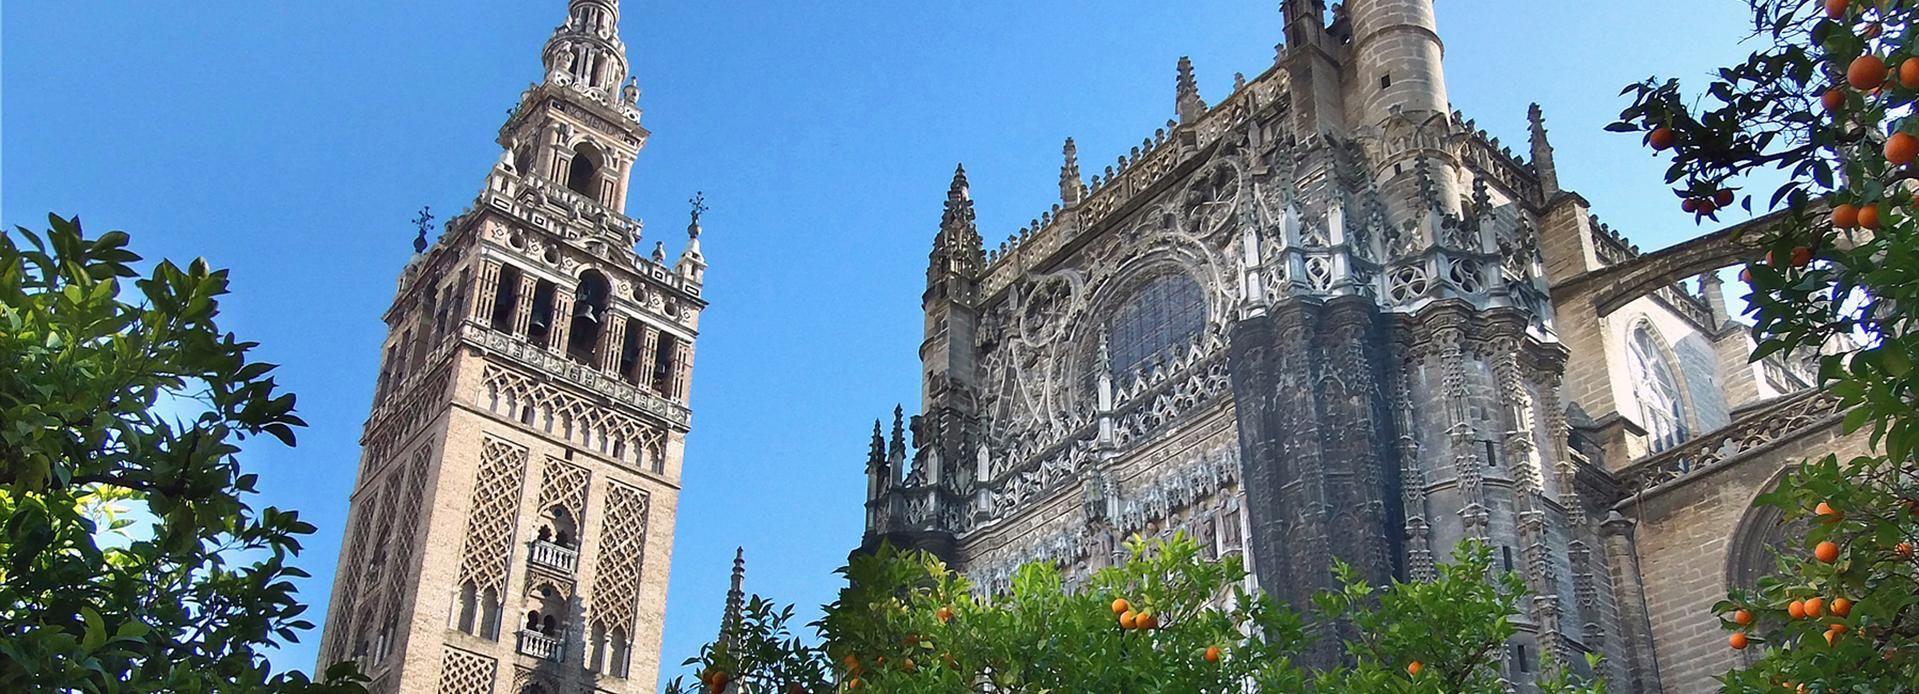 Sewilla: Wycieczka z przewodnikiem z wejściem do katedry i Giraldy